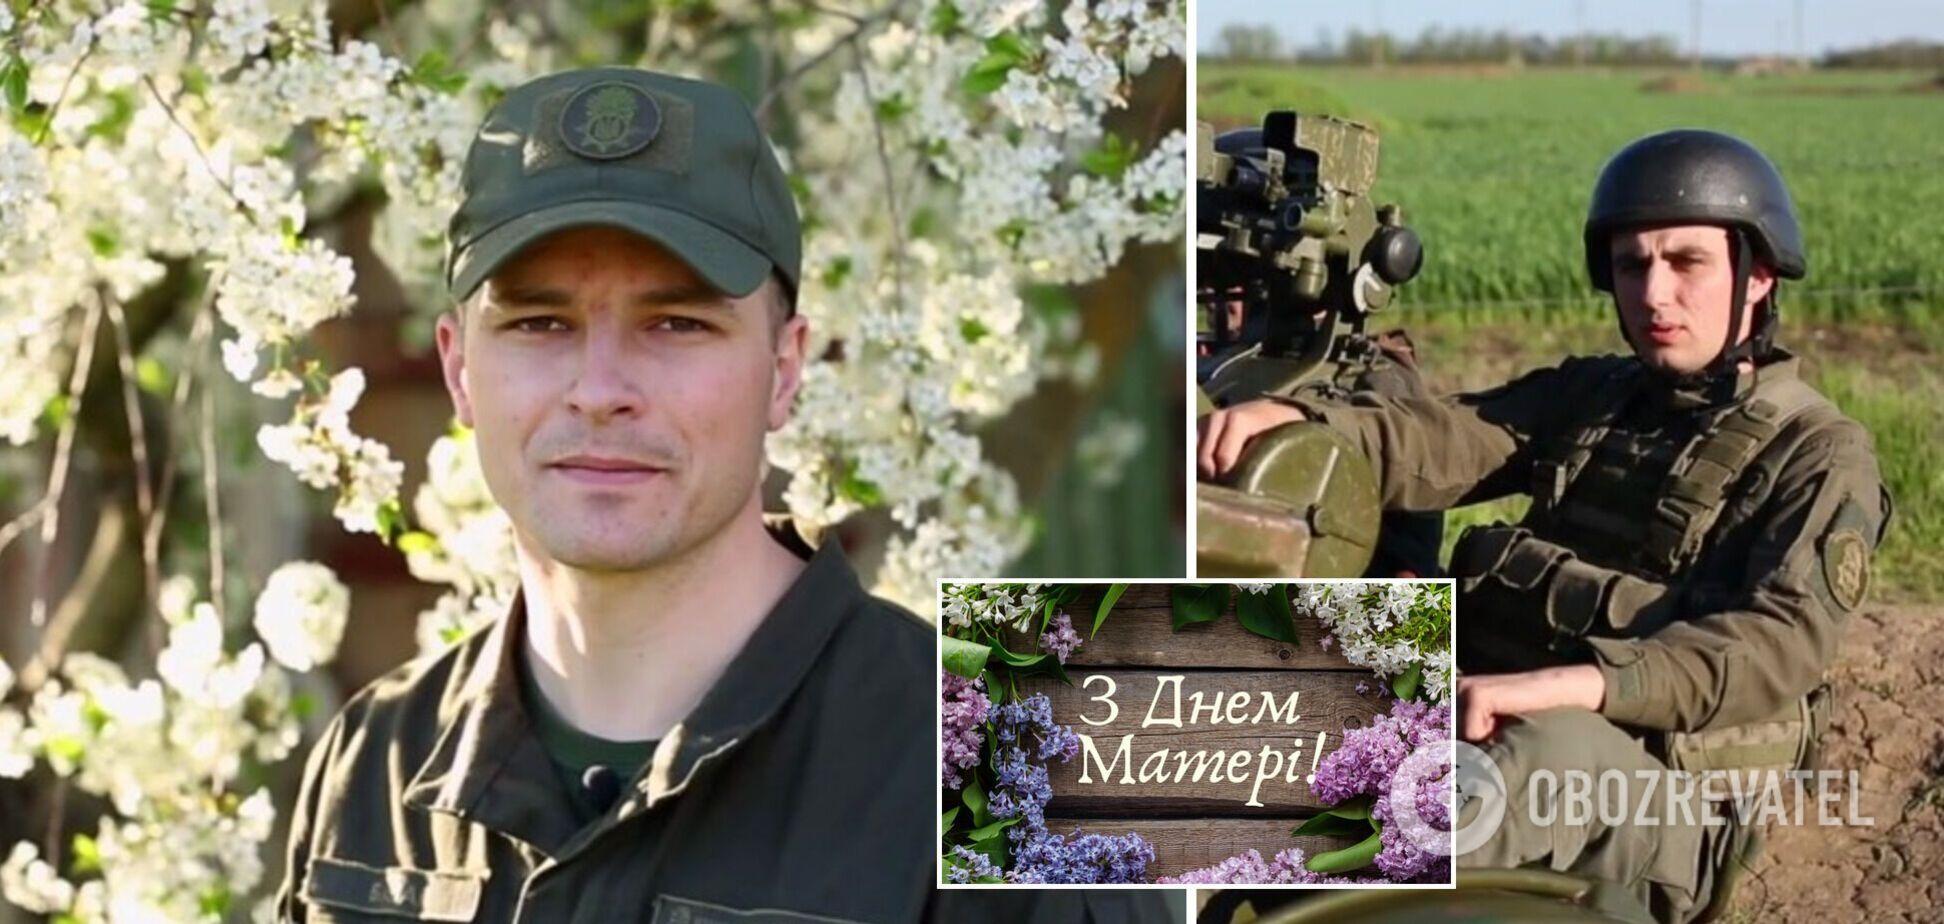 Українські воїни зворушливо привітали матерів із їхнім днем. Відео